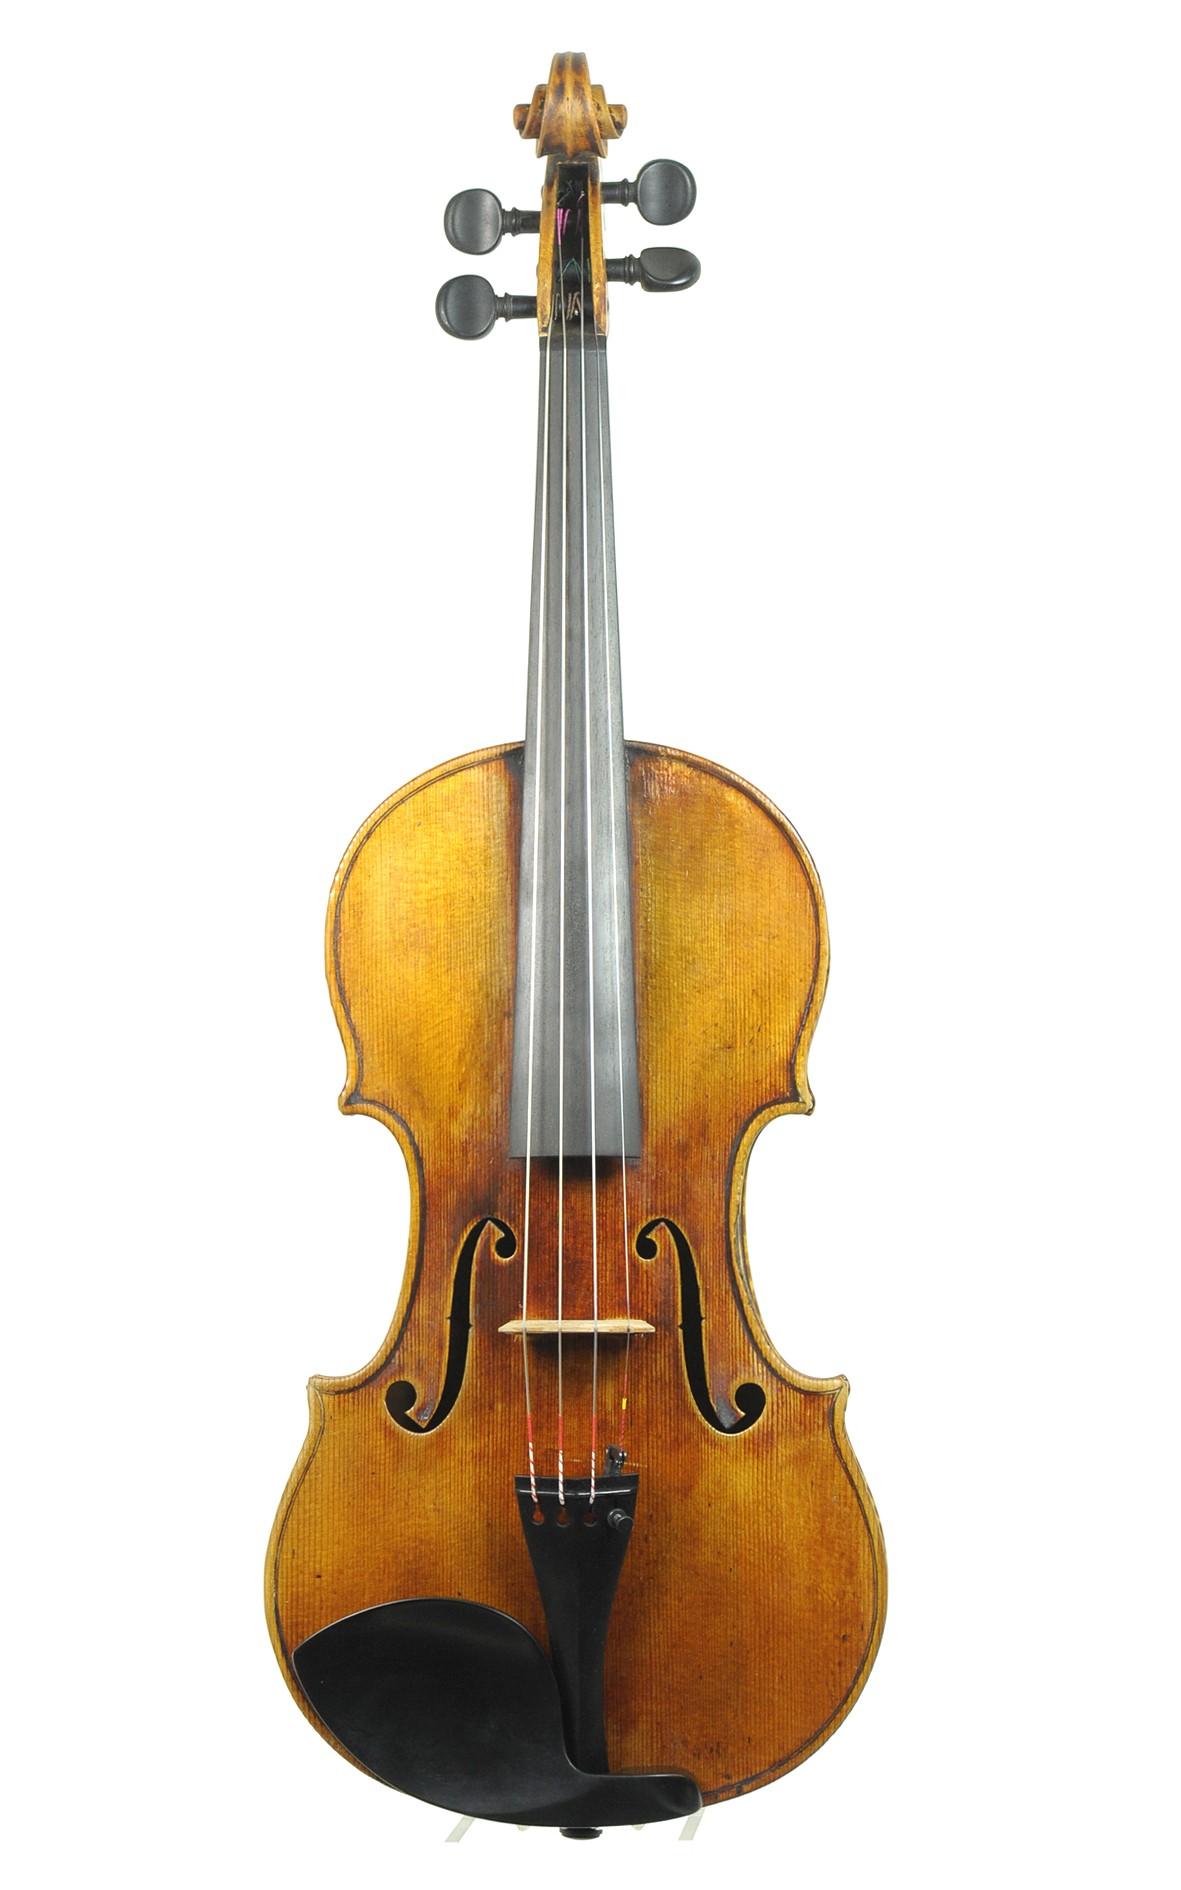 Violin by Max König, Munich - spruce top